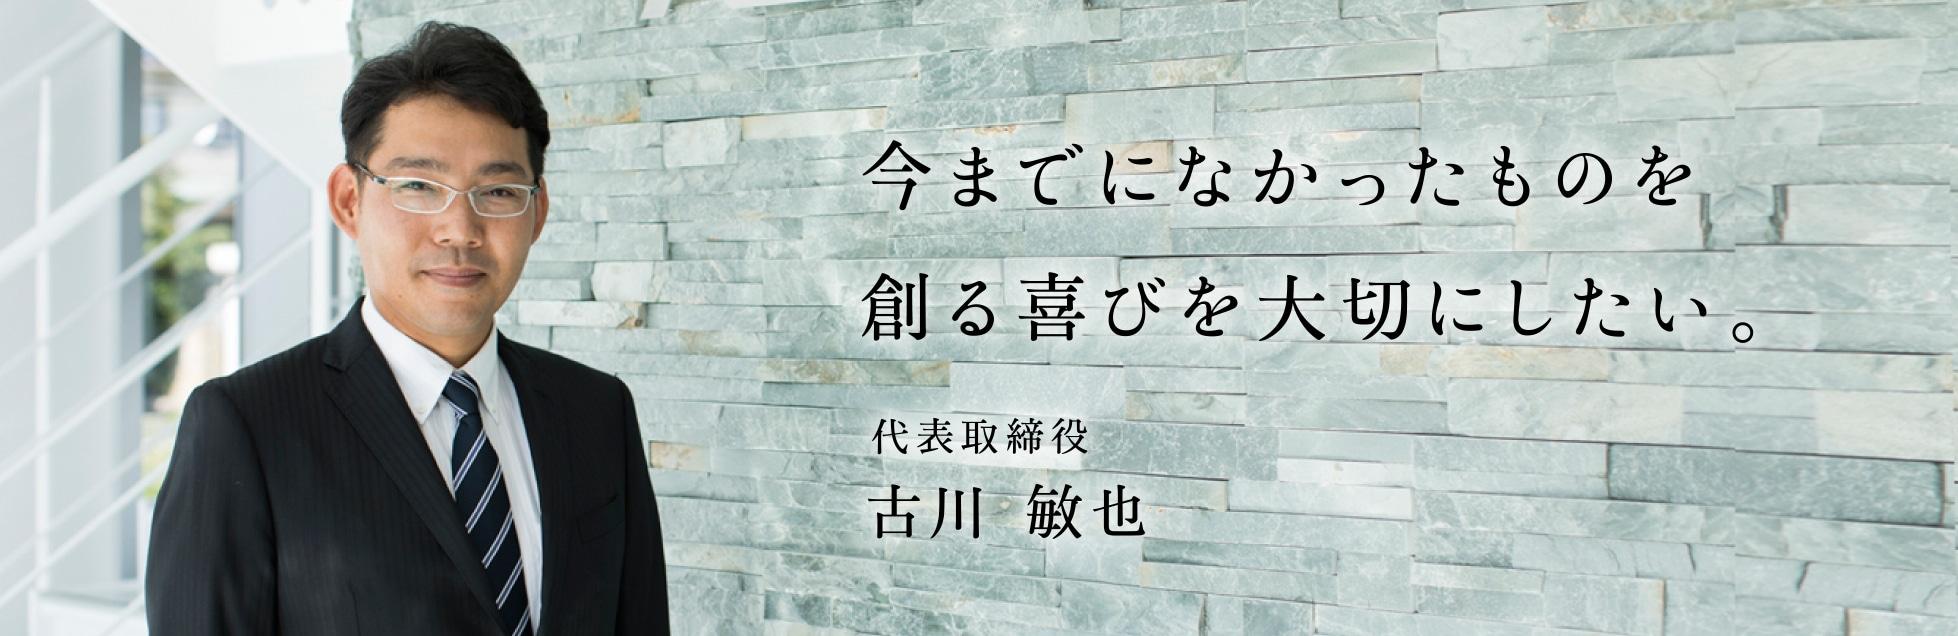 代表取締役 古川敏也